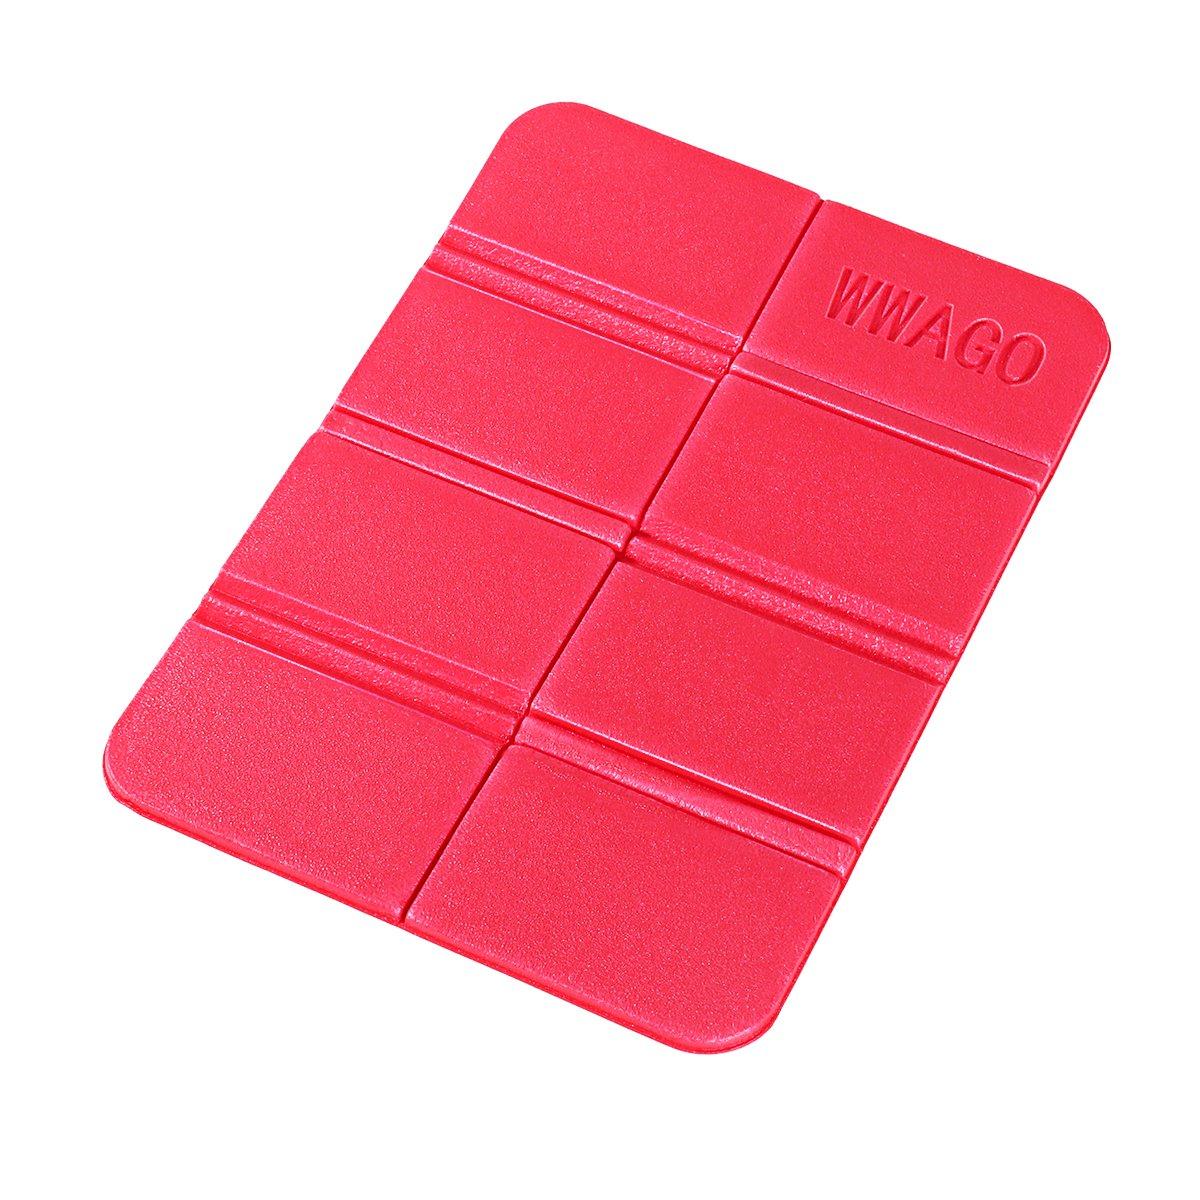 WINOMO Almohadillas de Espuma XPE Plegables a Prueba de Humedad Asiento Acolchado para cojí n tapete de Asiento Impermeable para Picnic al Aire Libre (Rojo)